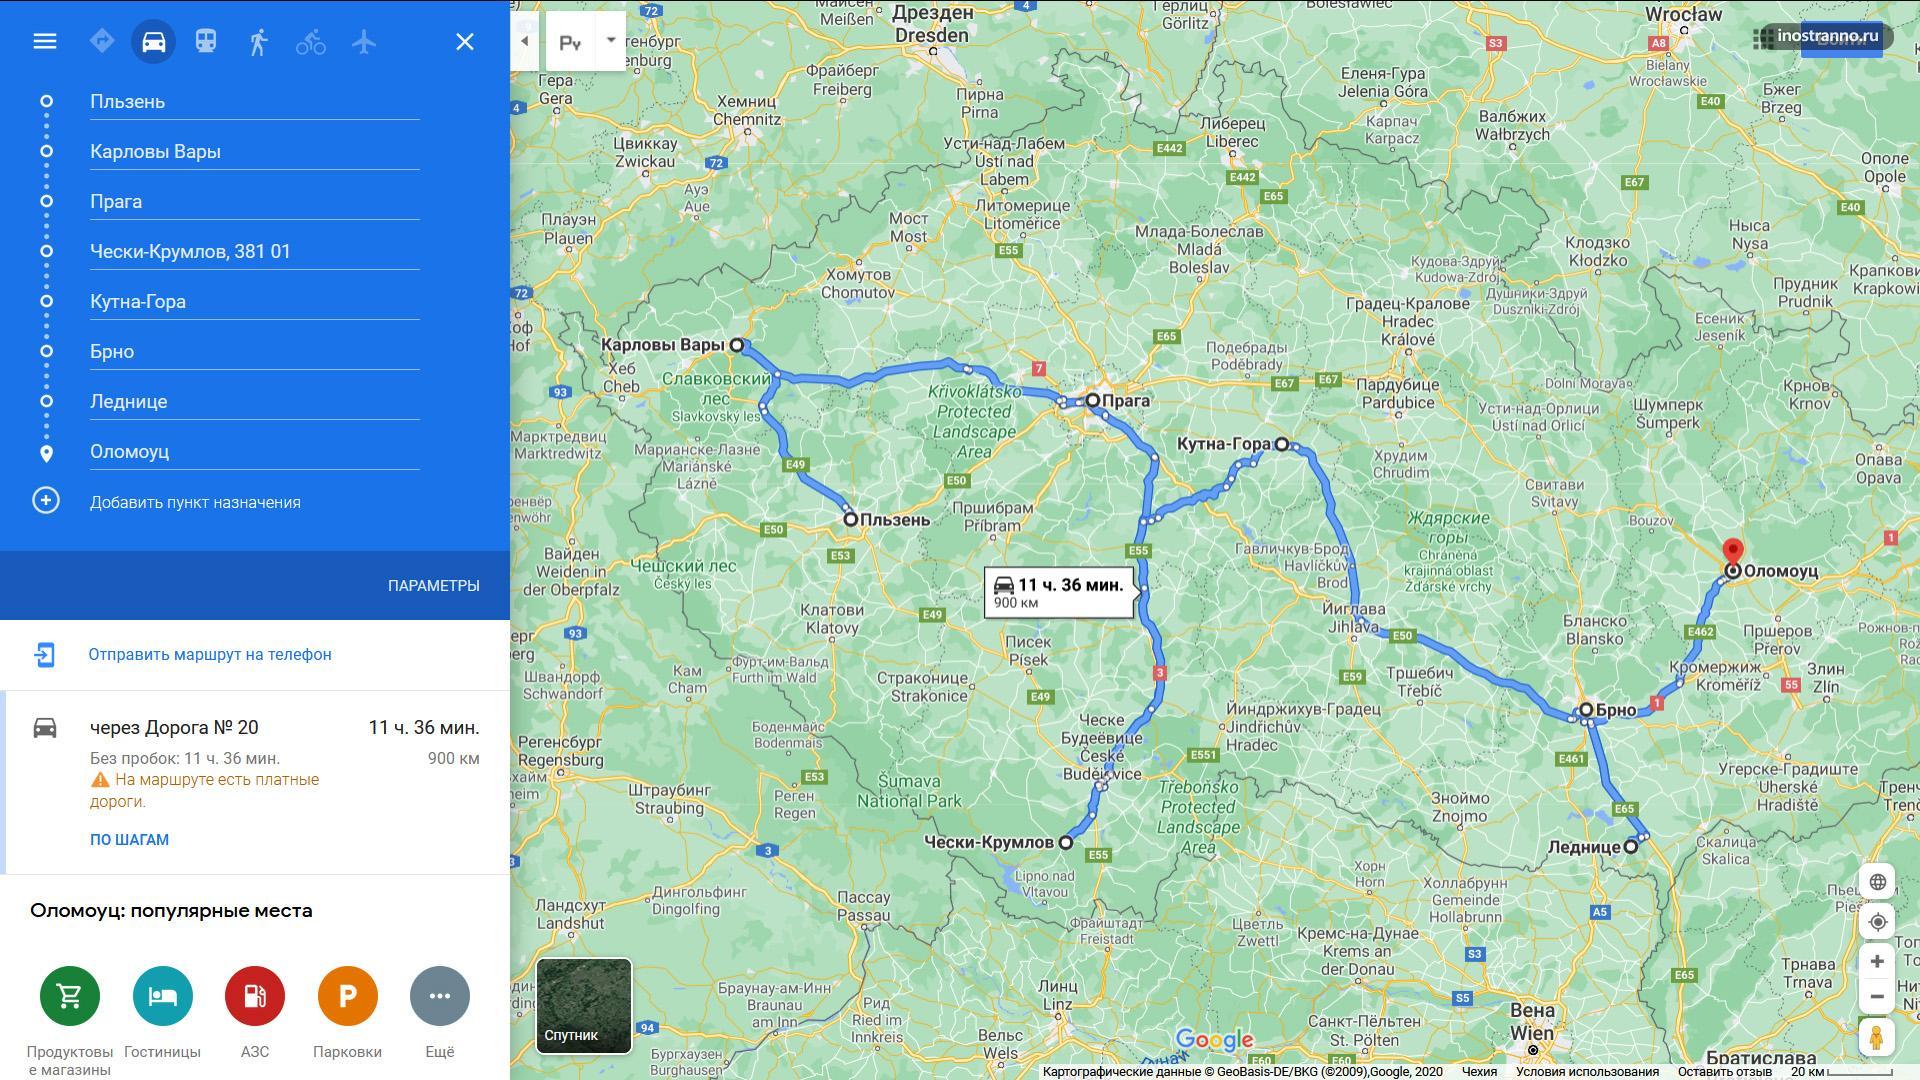 Маршрут путешествия на машине по Чехии